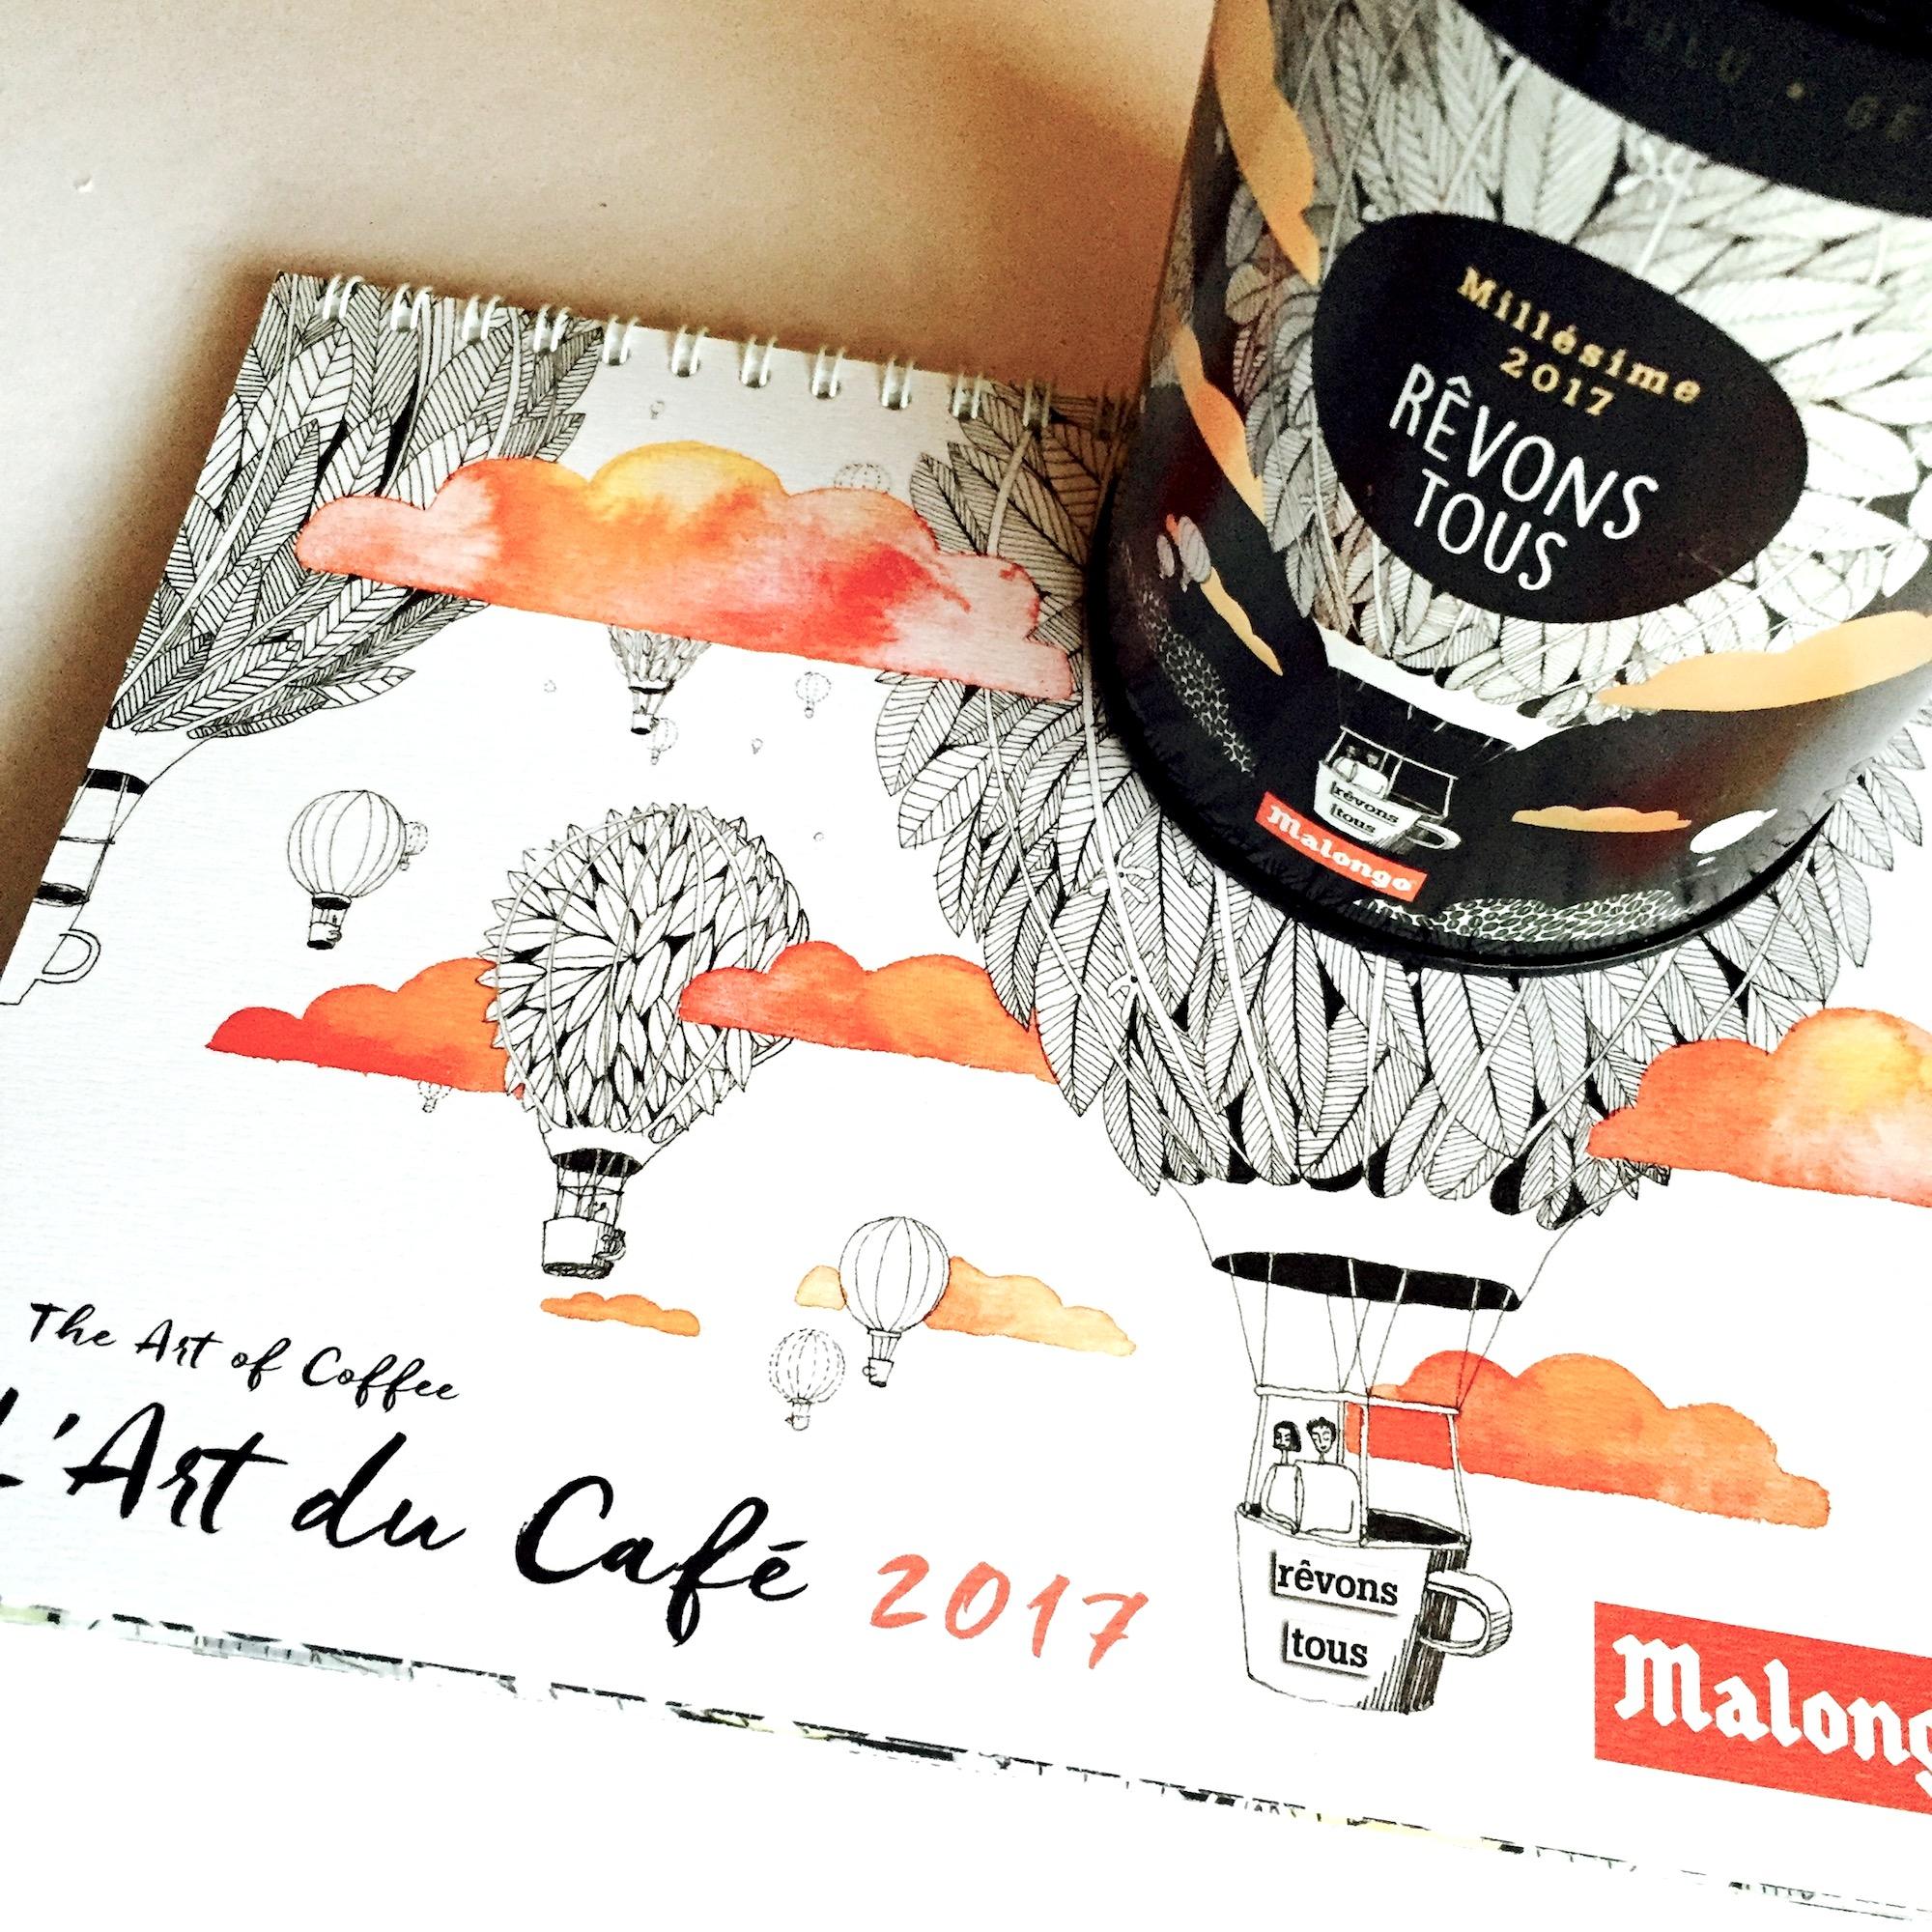 MALONGO CAFE COLLABORATION 2017